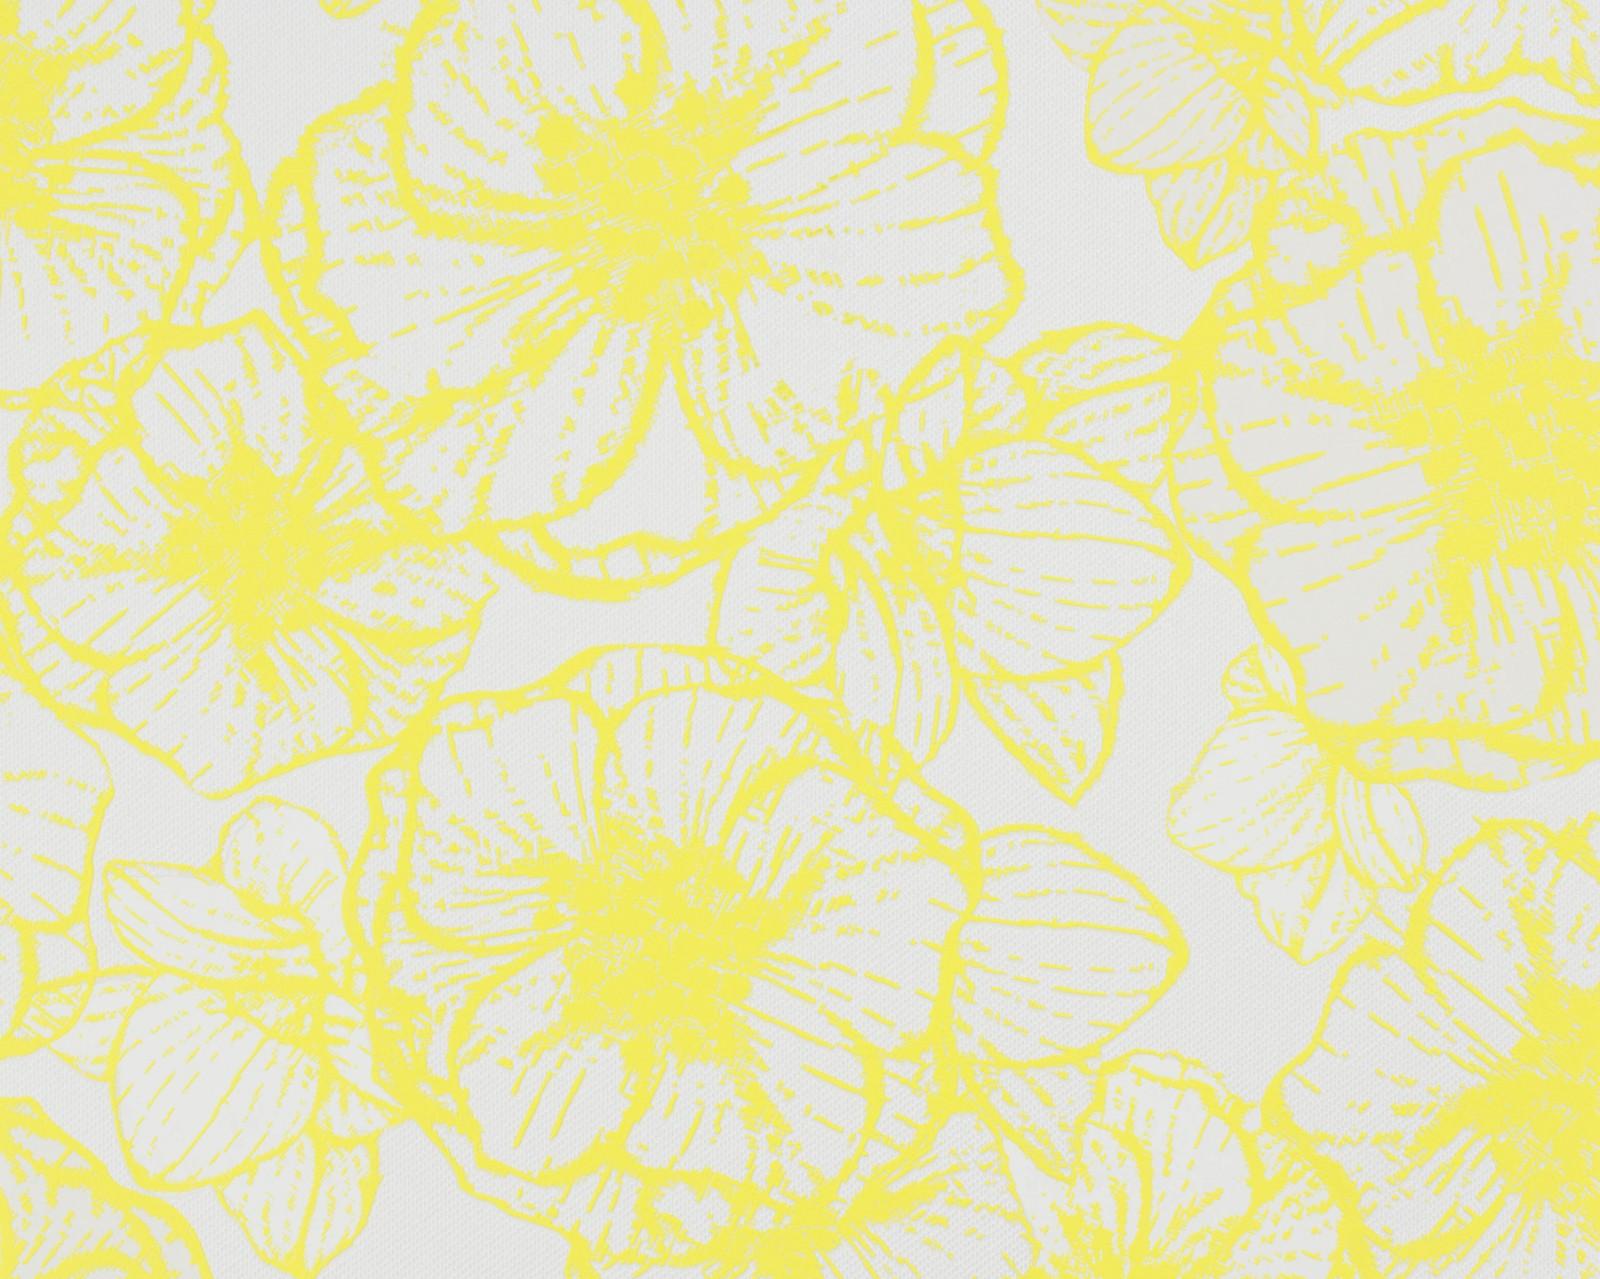 vliestapete esprit home floral gelb 94099 3. Black Bedroom Furniture Sets. Home Design Ideas